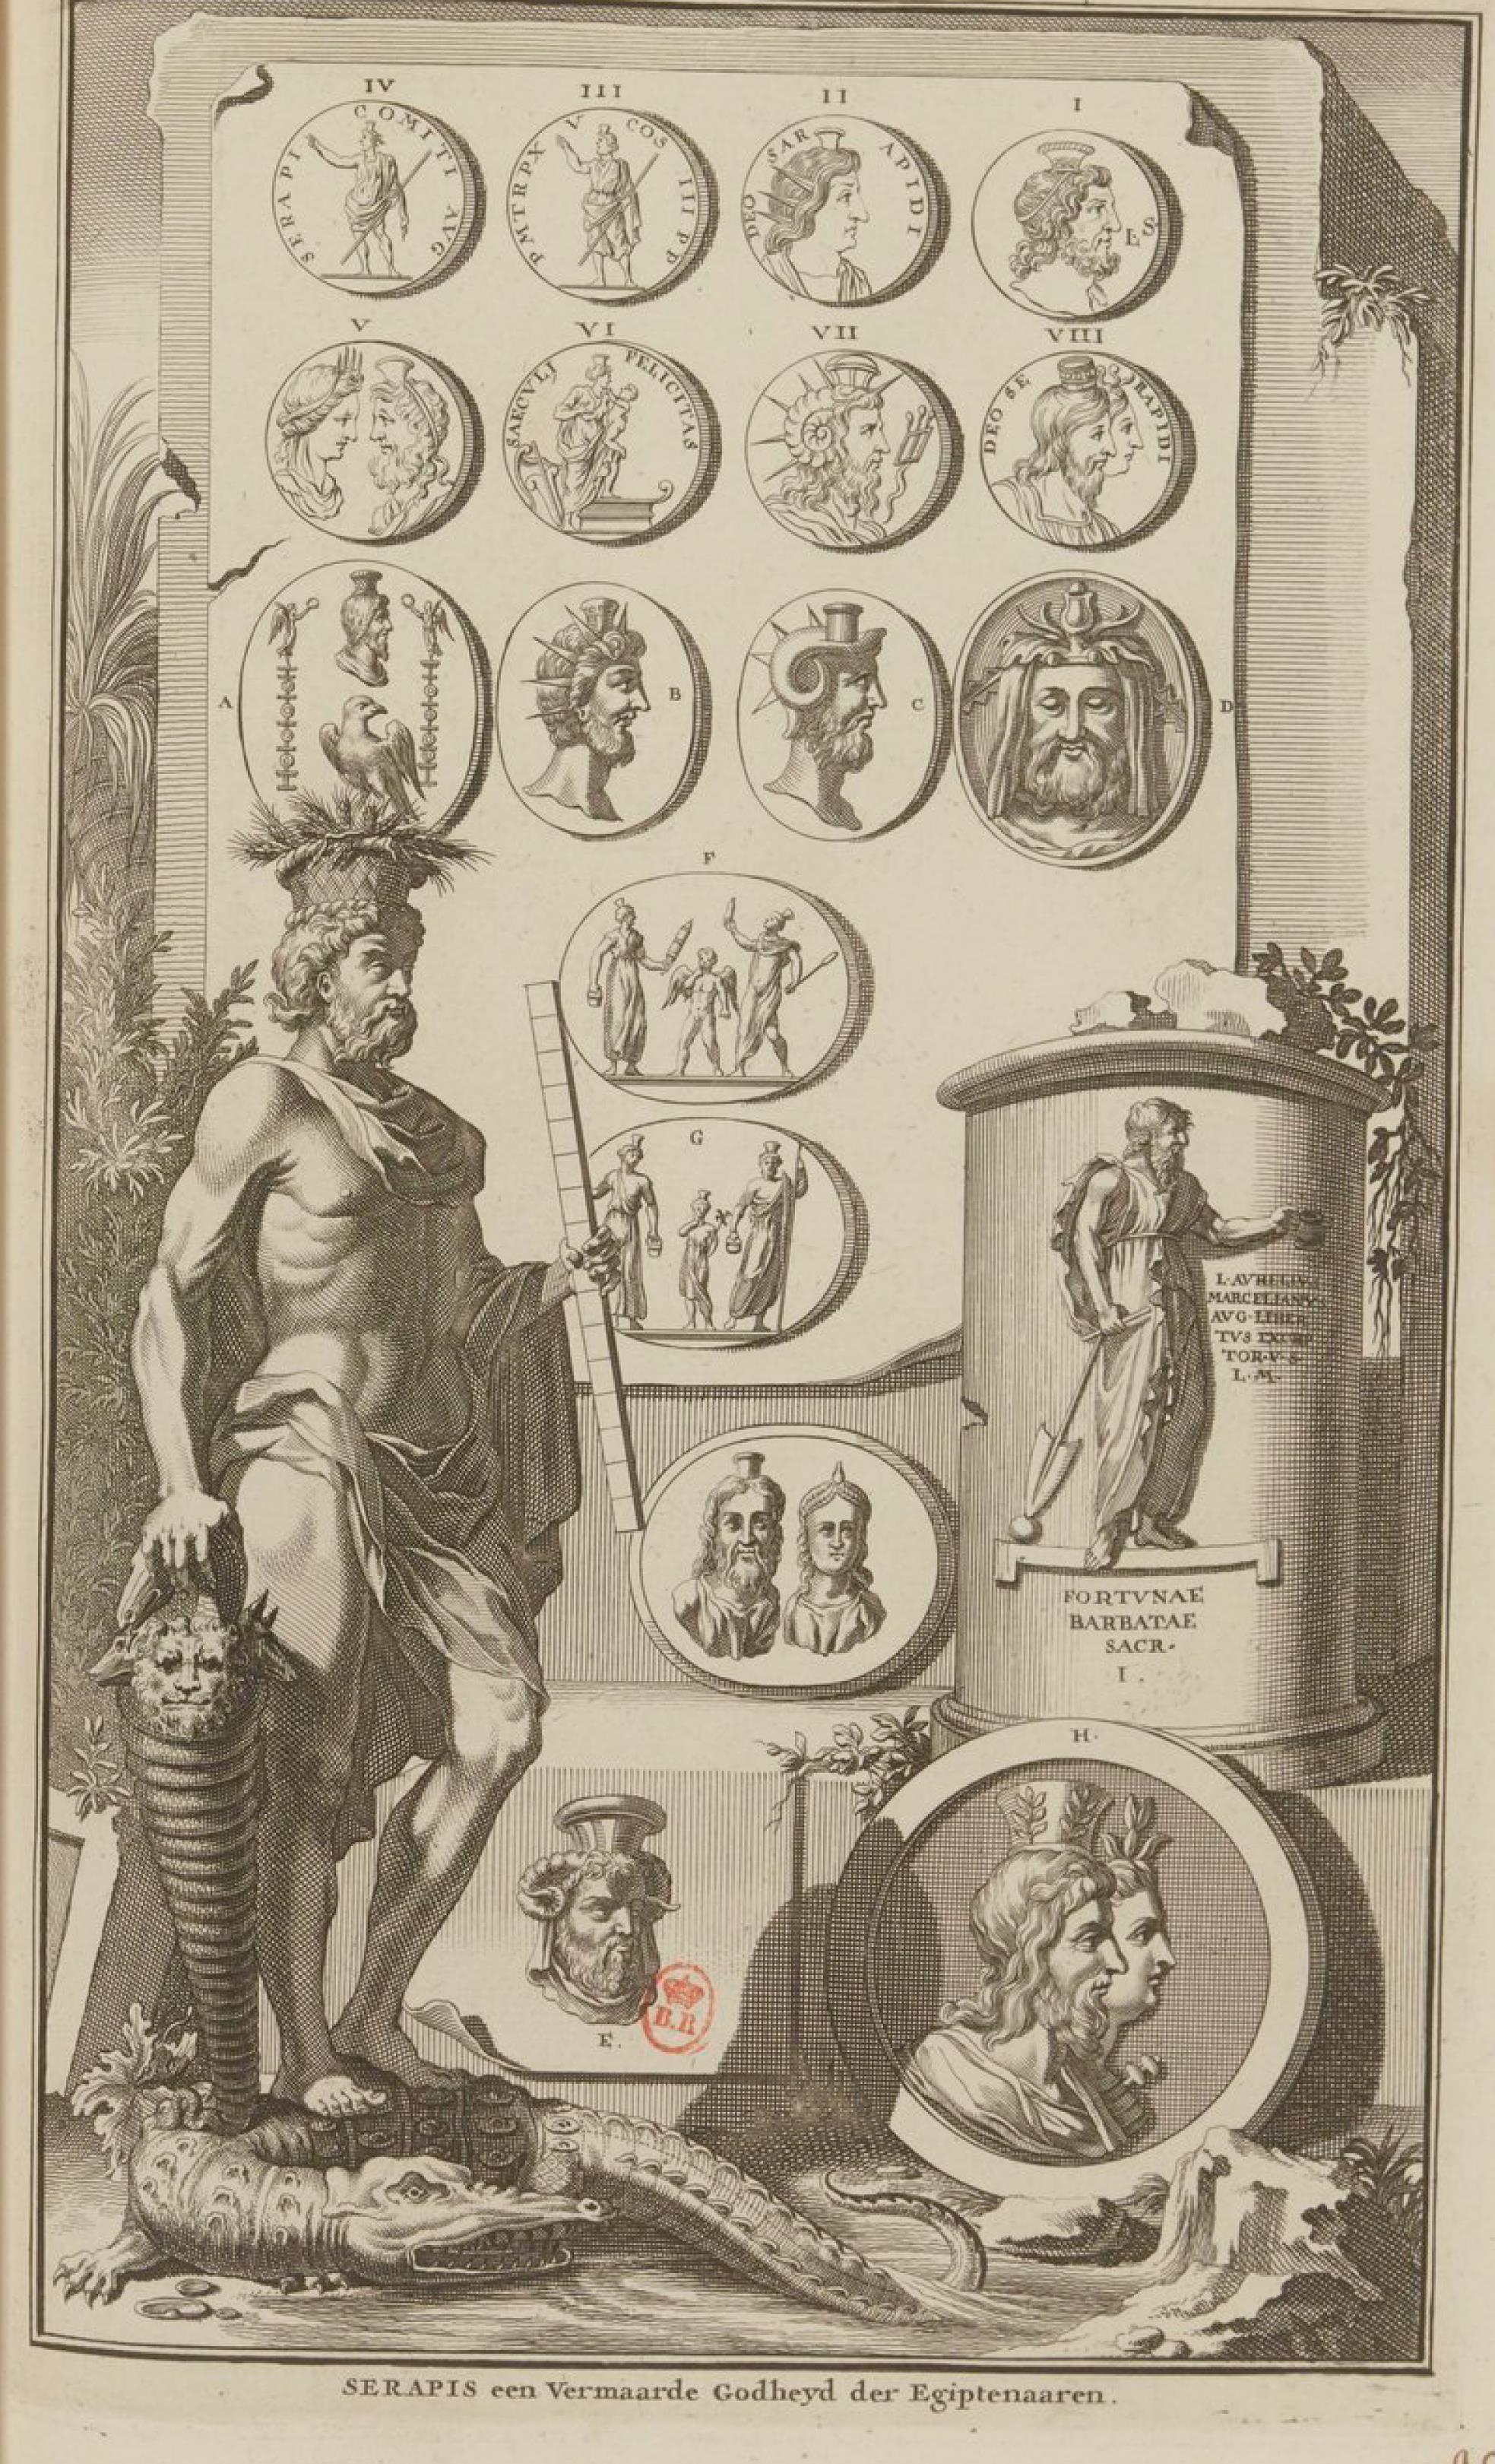 26. Серапис, идолы